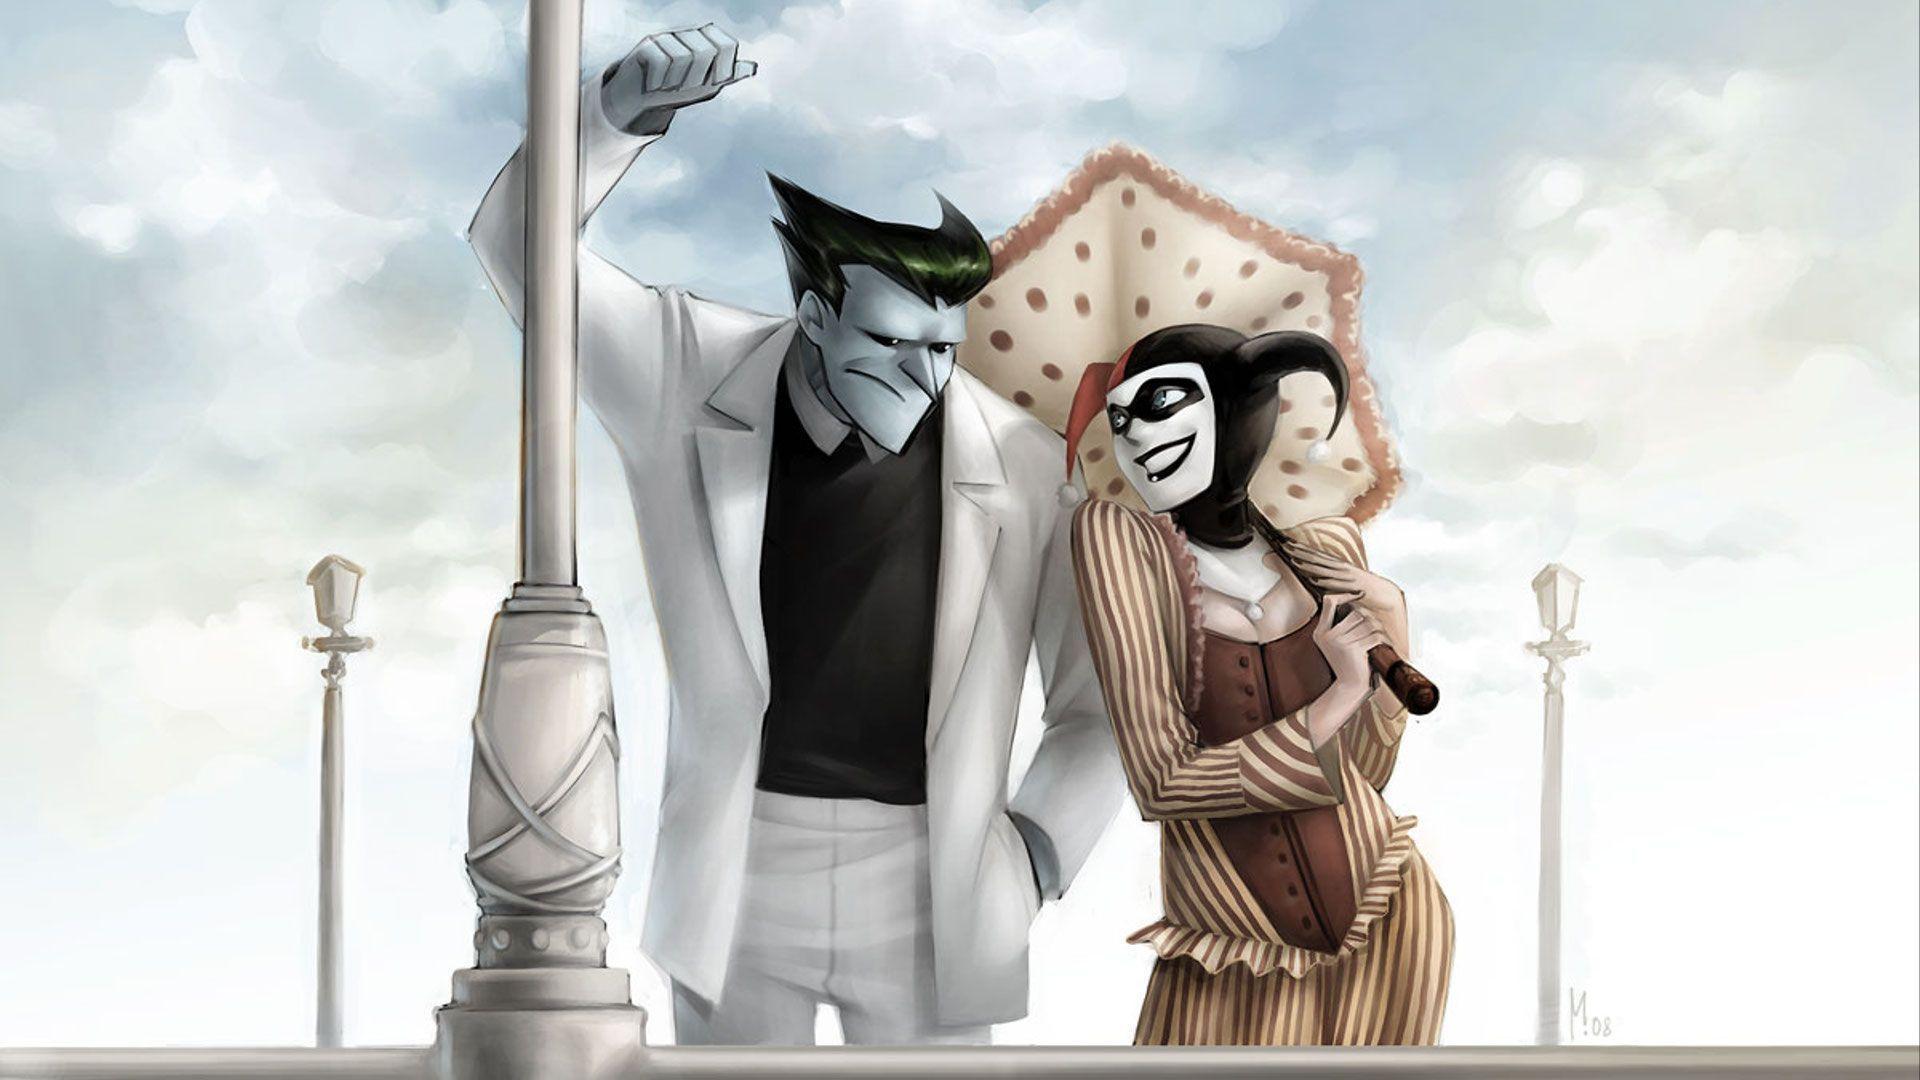 Google themes joker - Harley Quinn And Joker Google Themes Harley Quinn And Joker